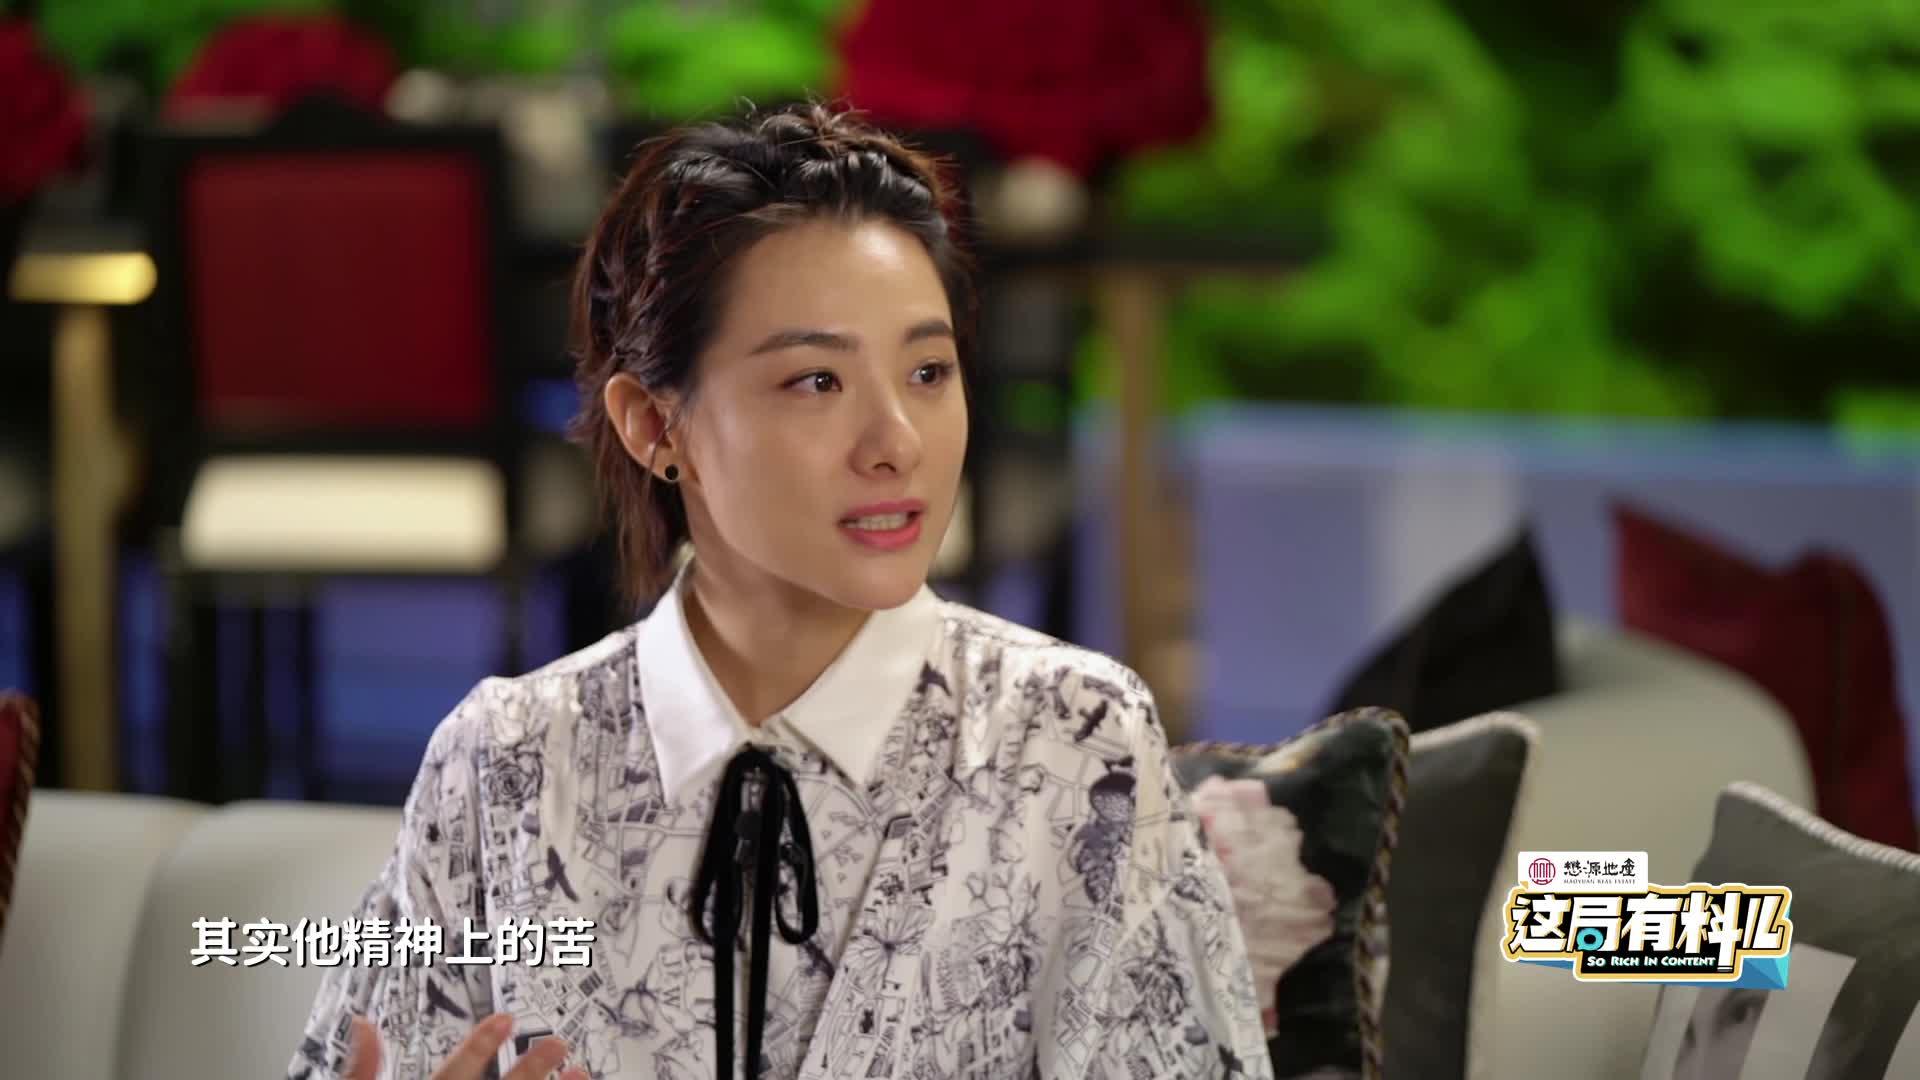 《这局有料儿》刘璇跳脱舒适圈 跨界成人生赢家